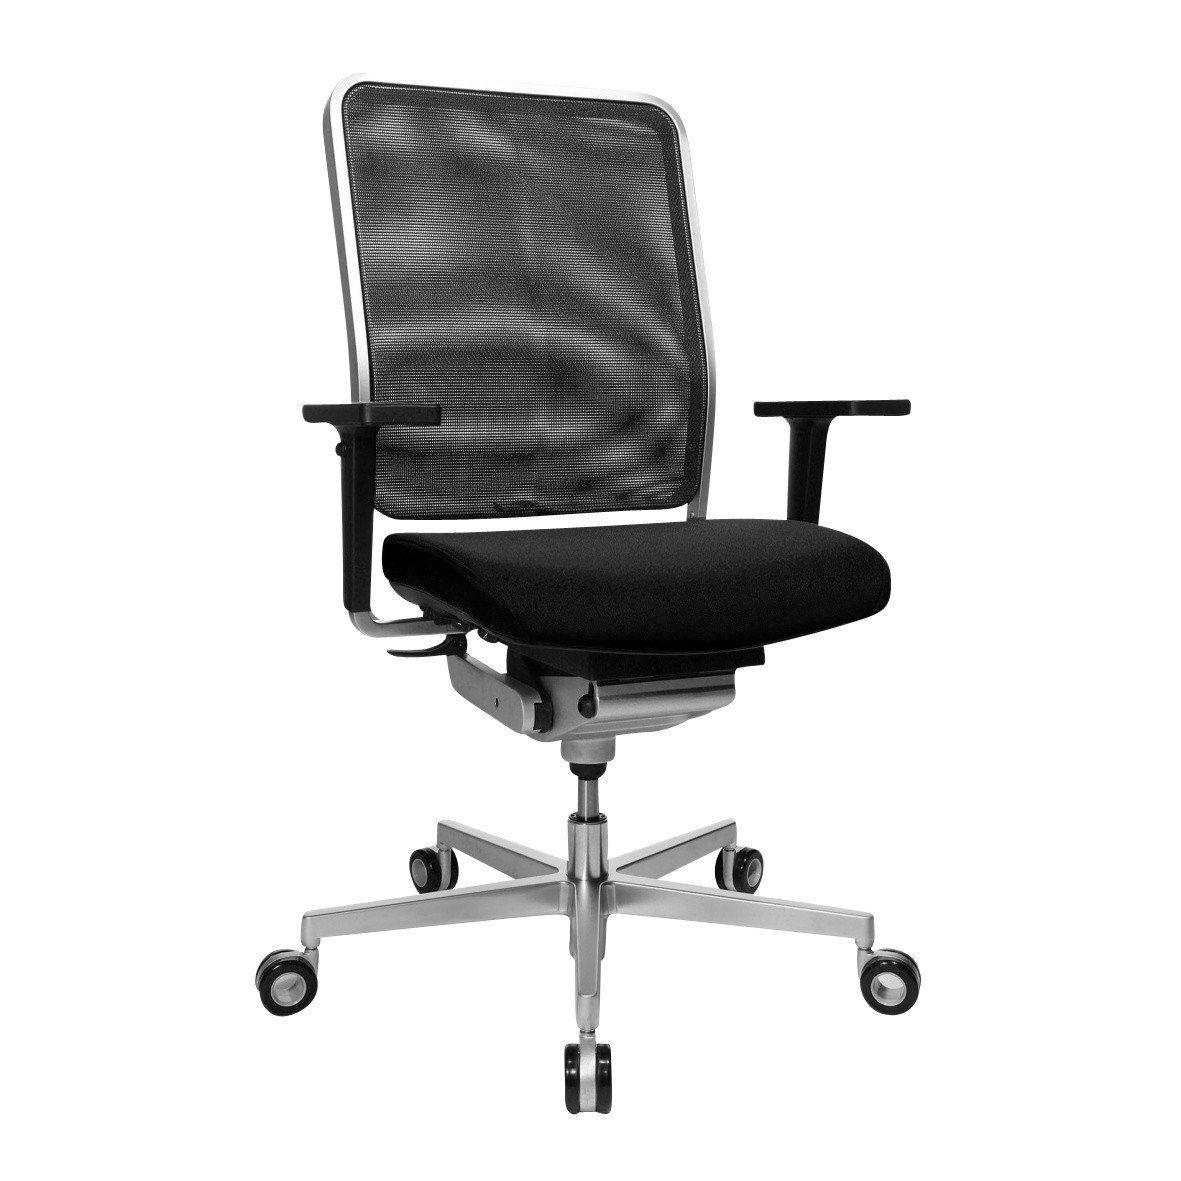 Wagner W1 Low Bürostuhl | AmbienteDirect